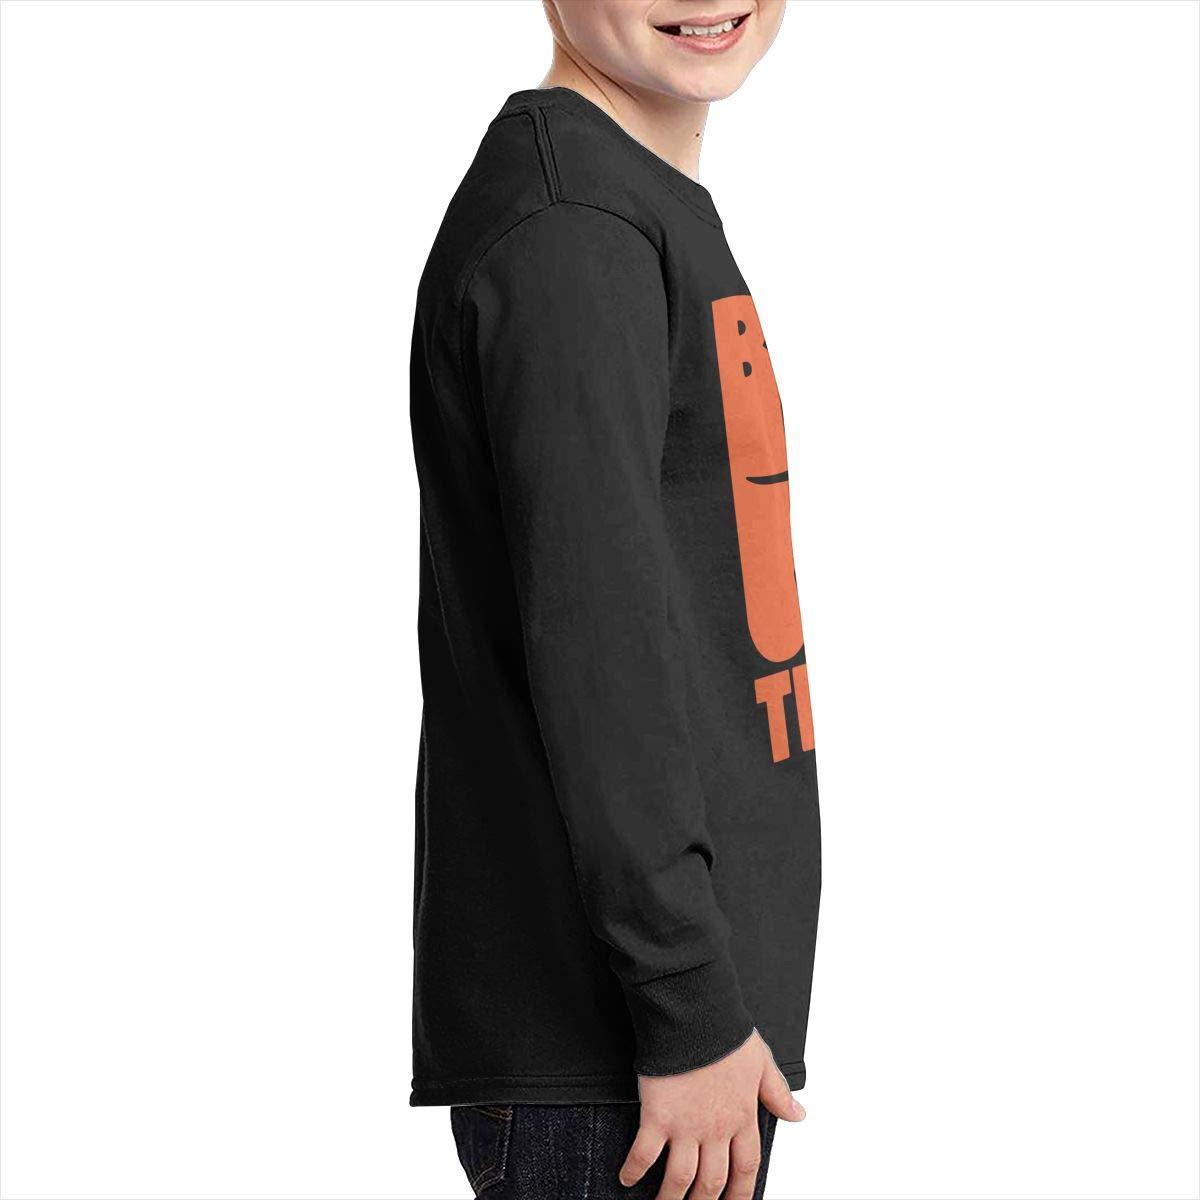 Teenagers Teen Boy Vintage Bull Terrier Printed Long Sleeve 100/% Cotton Tee Shirt